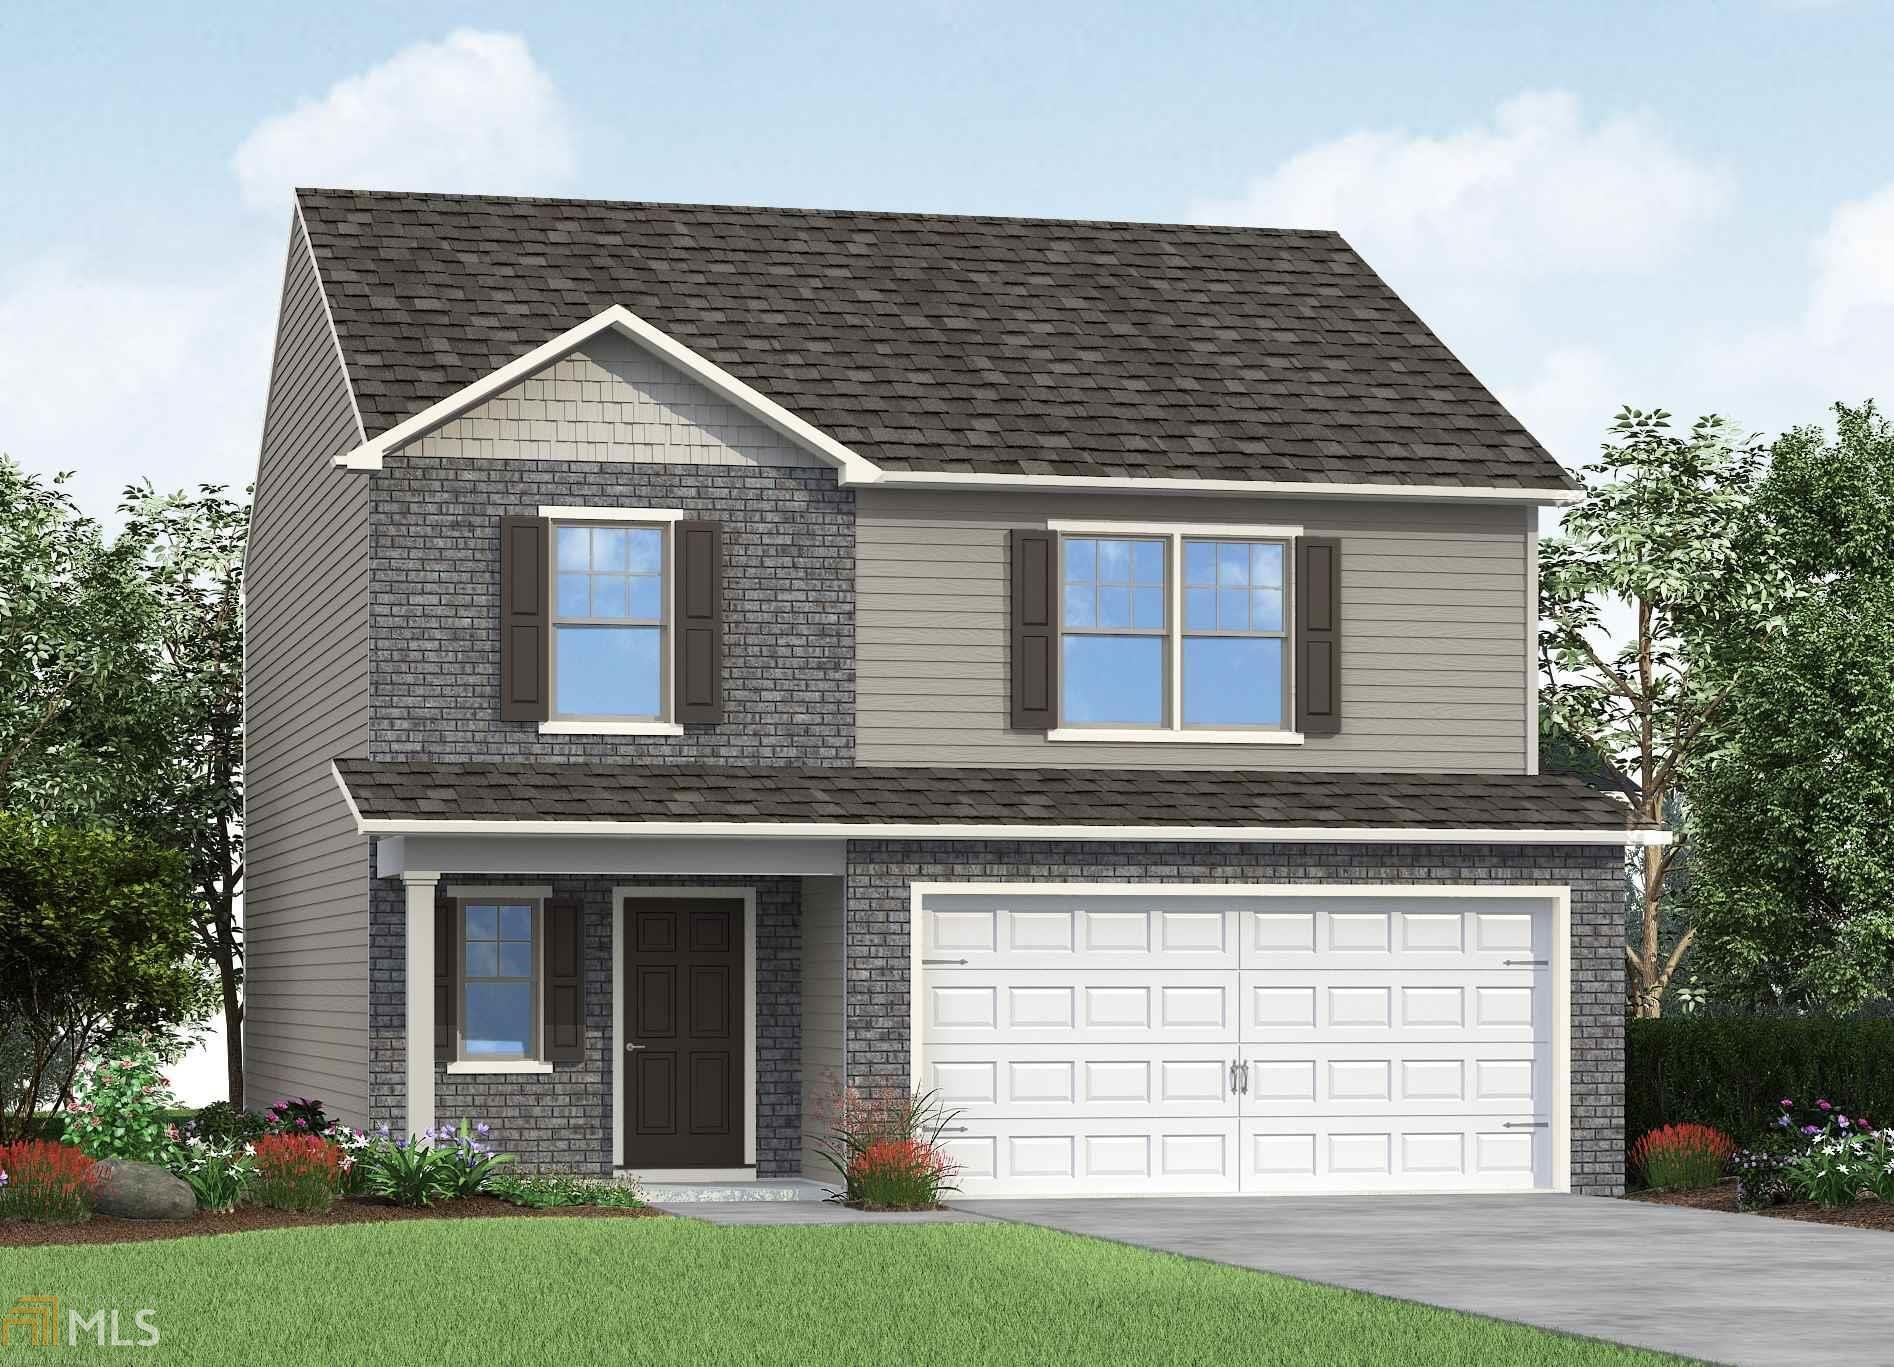 121 Cypress Point Rd, Cartersville, GA 30120 - MLS#: 8878459